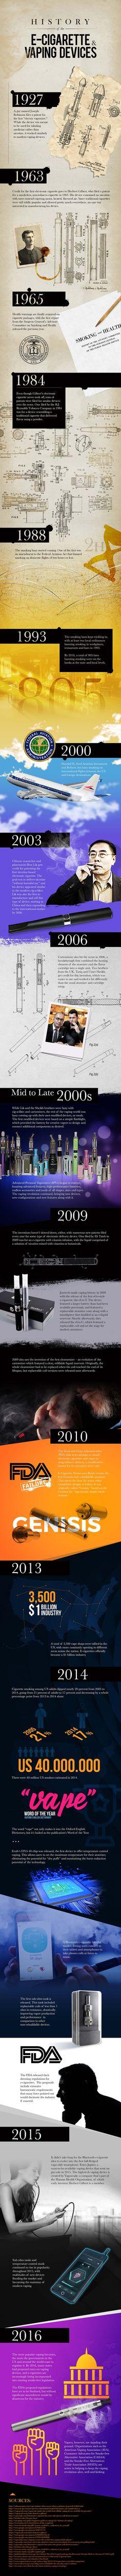 HISTORY OF THE E-CIGARETTE #infographicsarchive